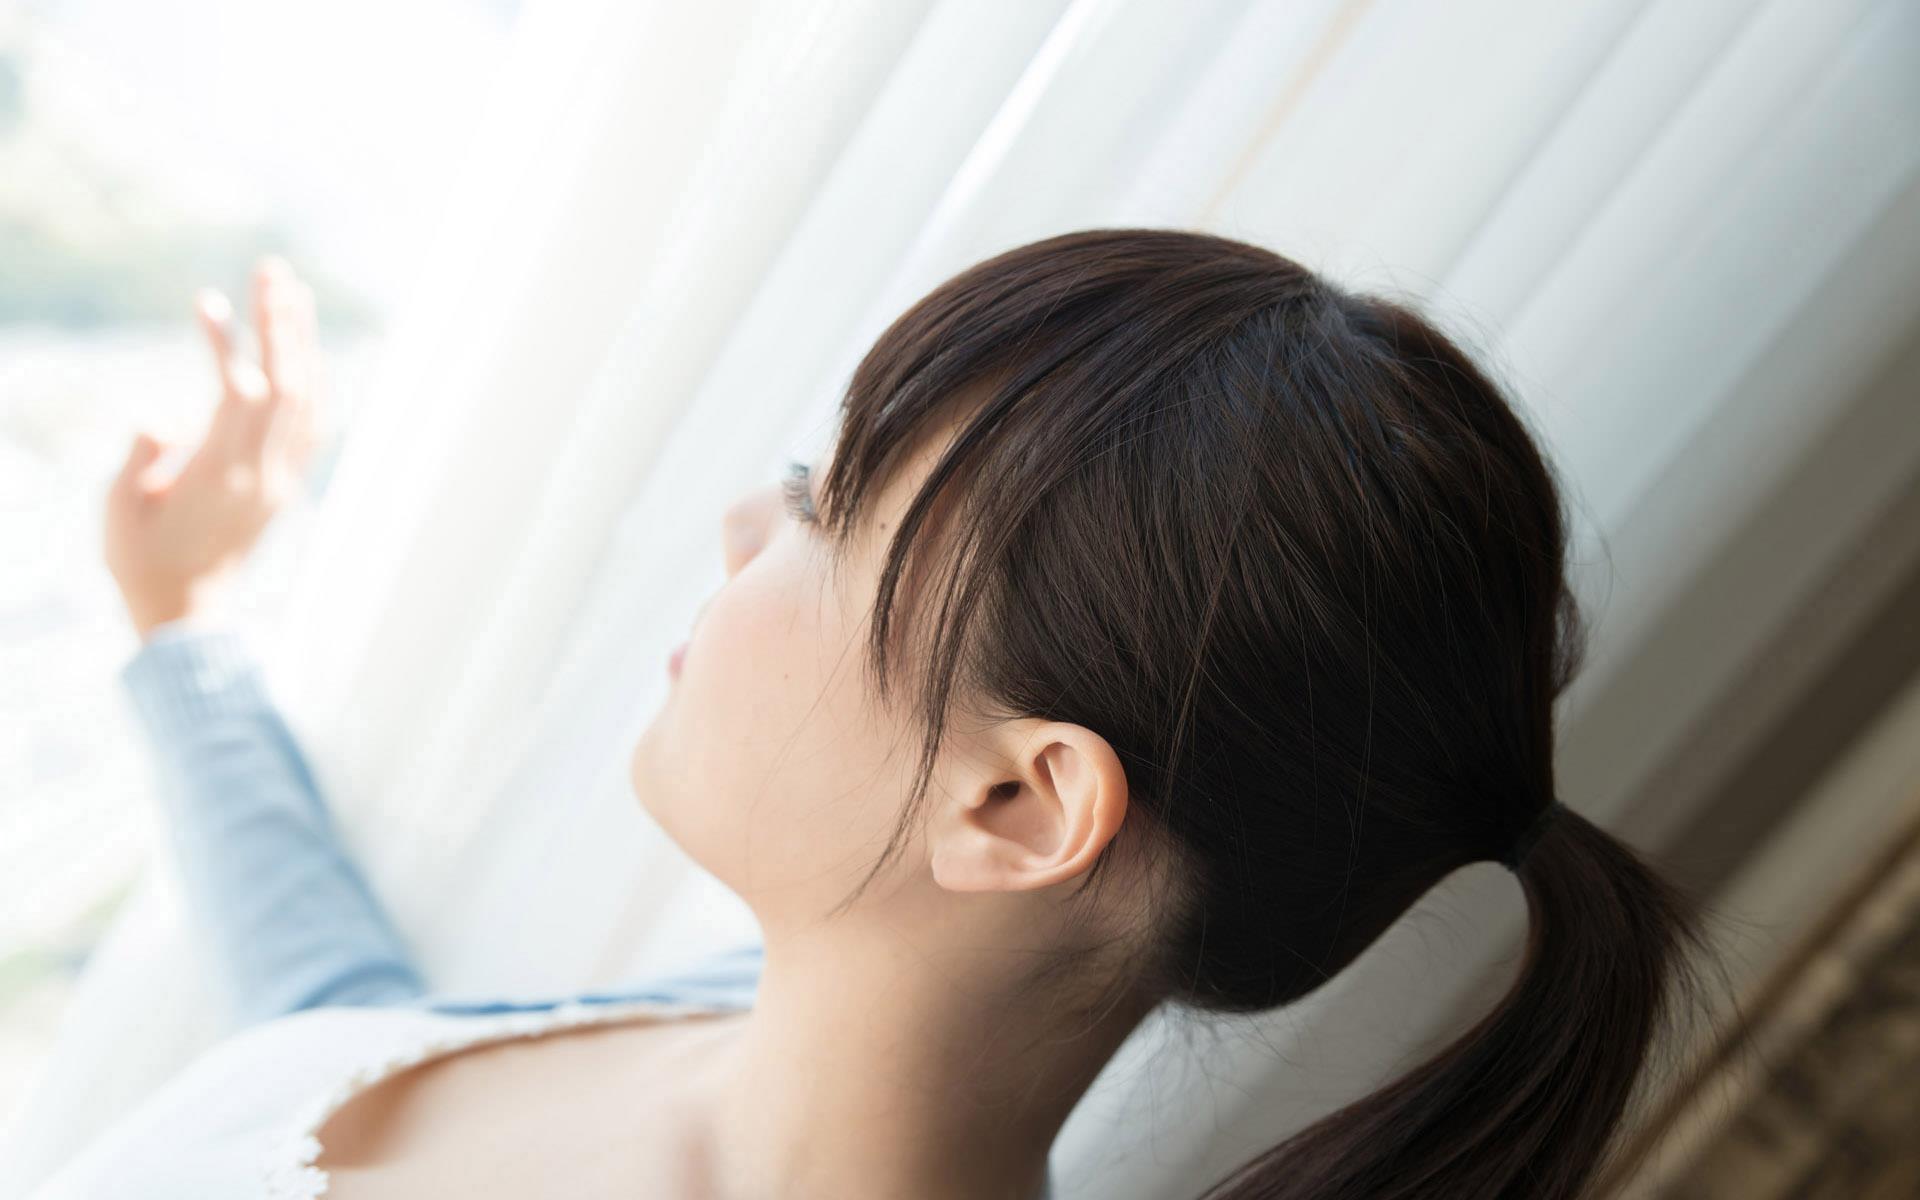 浜崎真緒 パイズリ画像 3